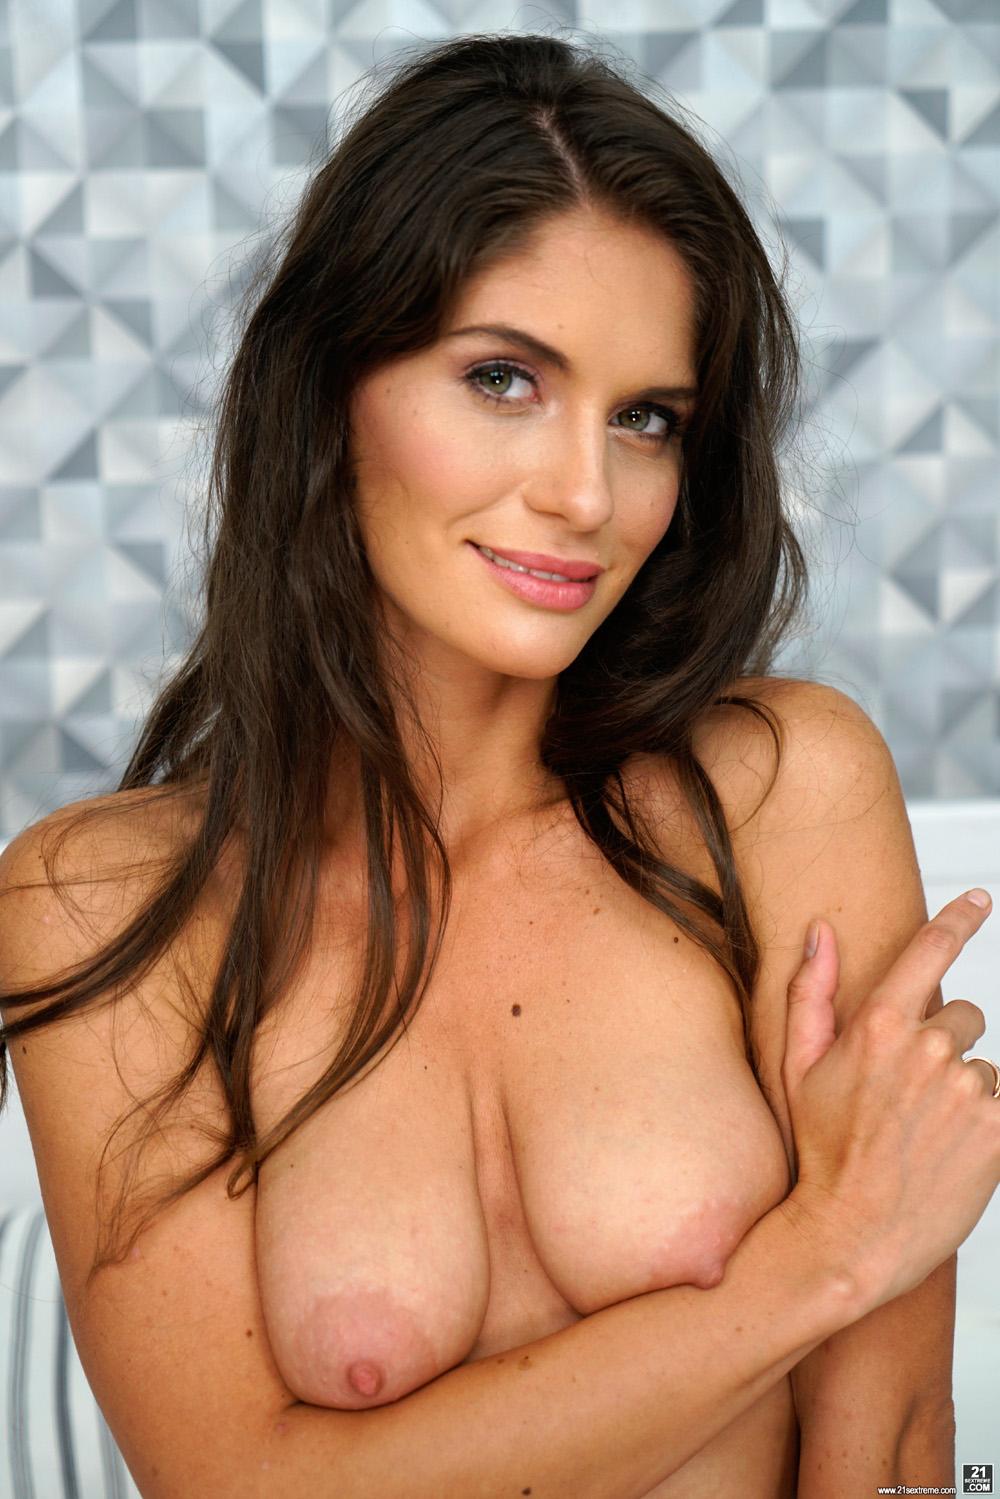 Lana Seymour Porn